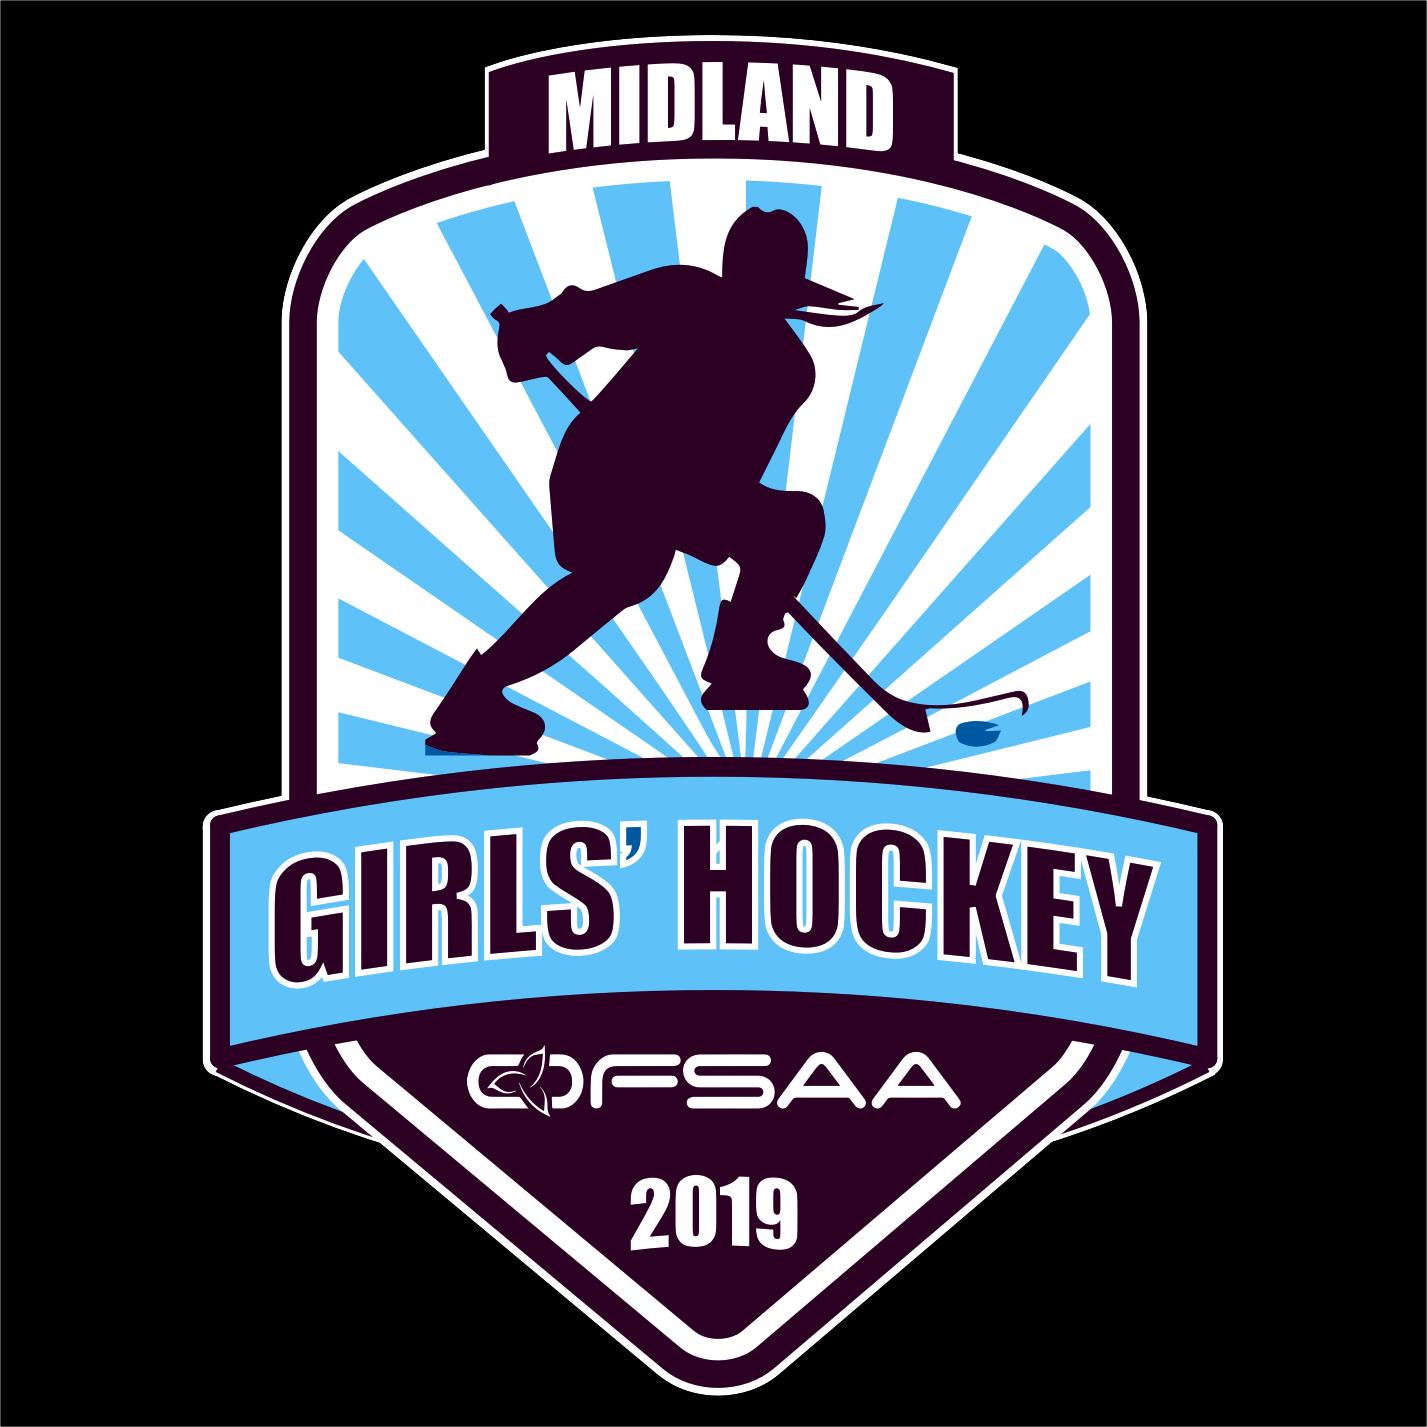 2019 Girls Hockey logo black.jpg